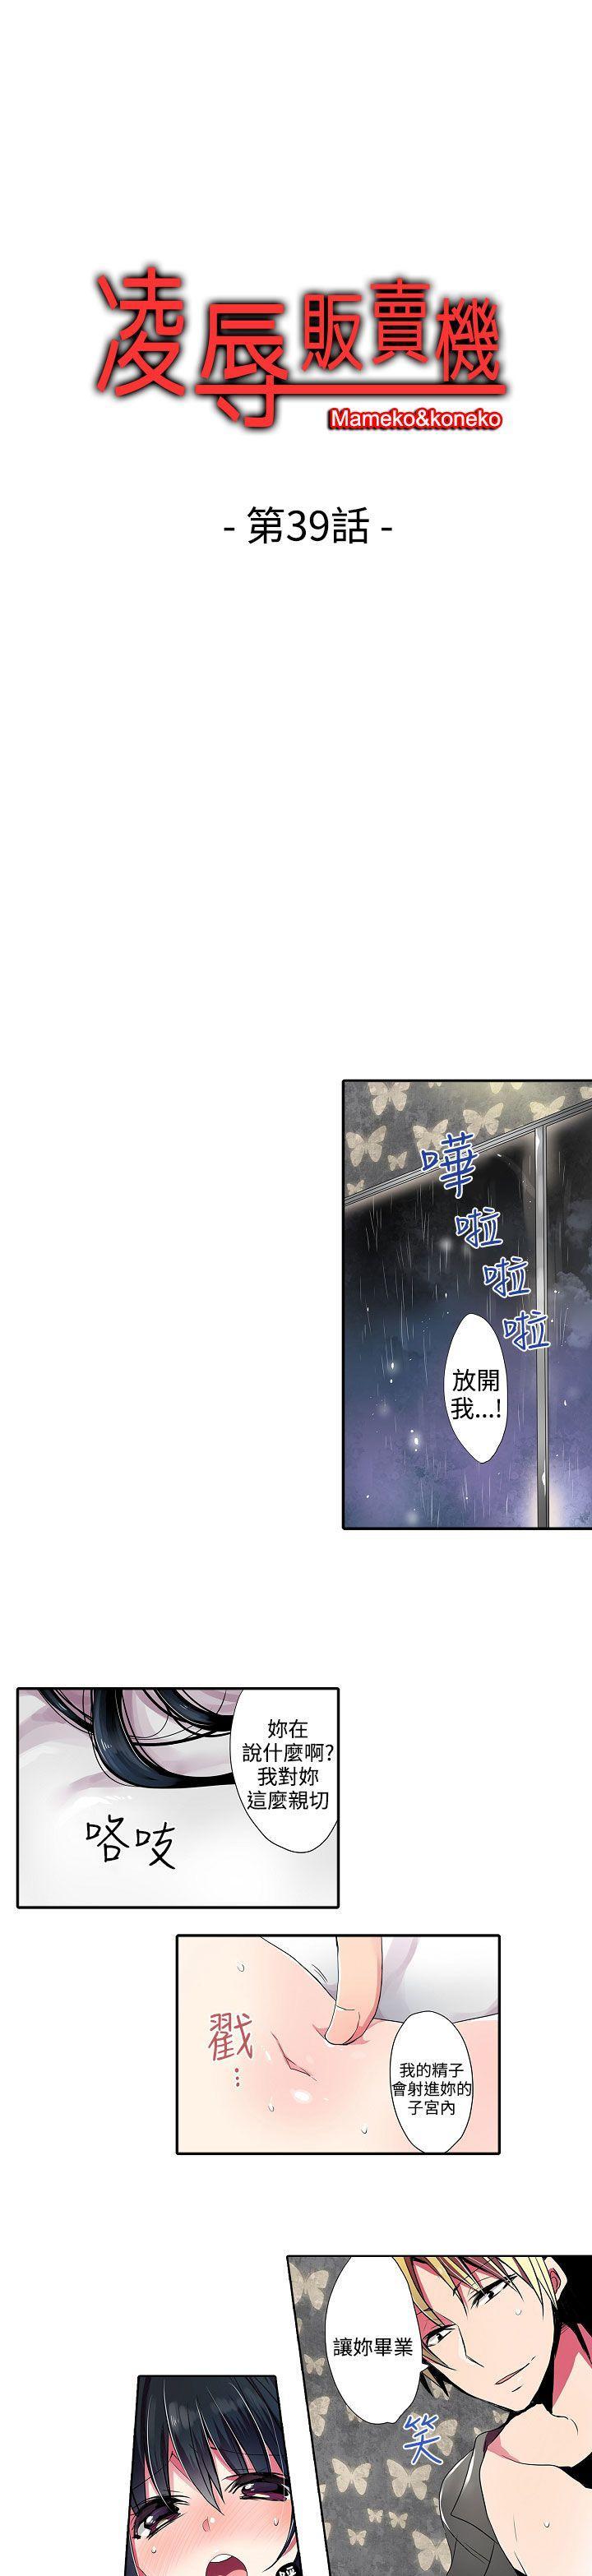 凌辱贩卖机-第39话全彩韩漫标签